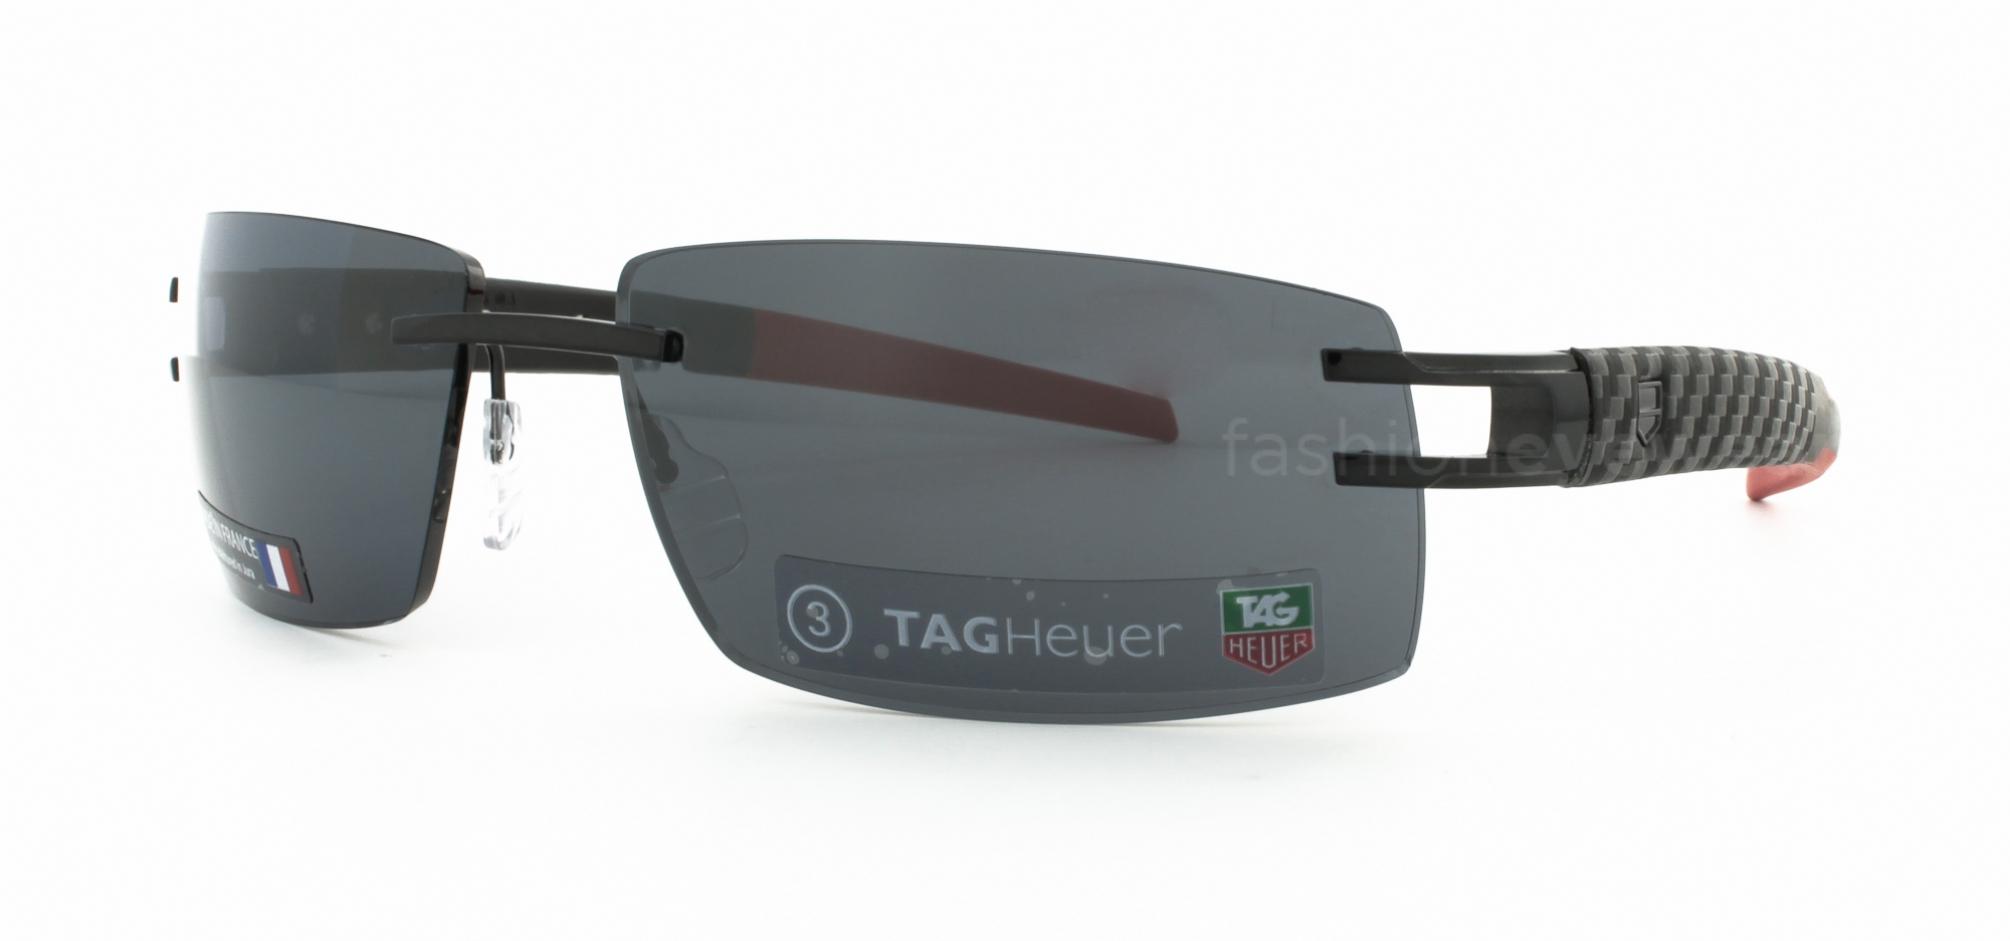 1b3c8d7217 Tag Heuer 0401 L-type Lw Sunglasses